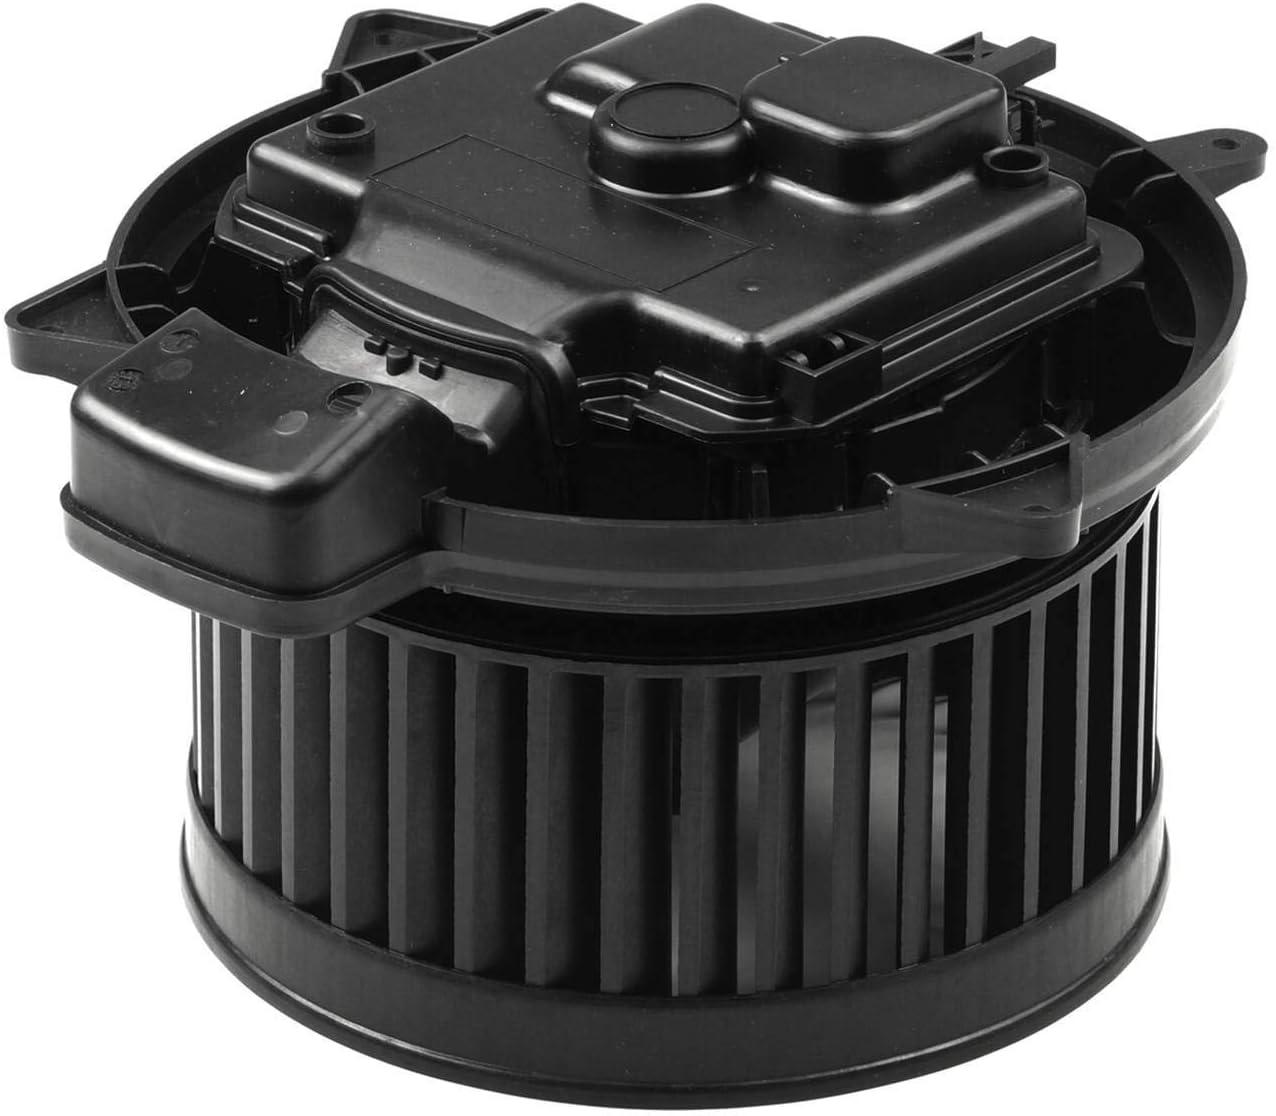 Bapmic 1648350007 Left A//C Heater Blower Motor for Mercedes Benz W164 ML350 ML550 W251 R350 R500